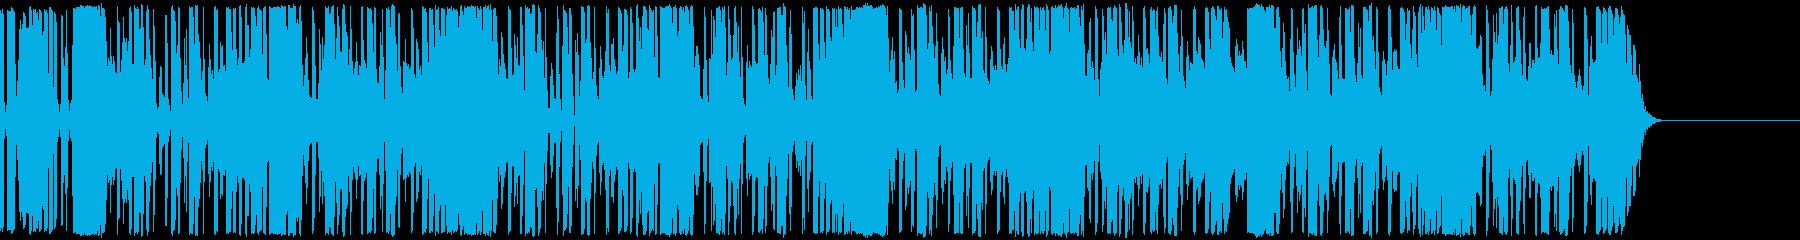 出囃子などで使えそうな明るめヒップホップの再生済みの波形